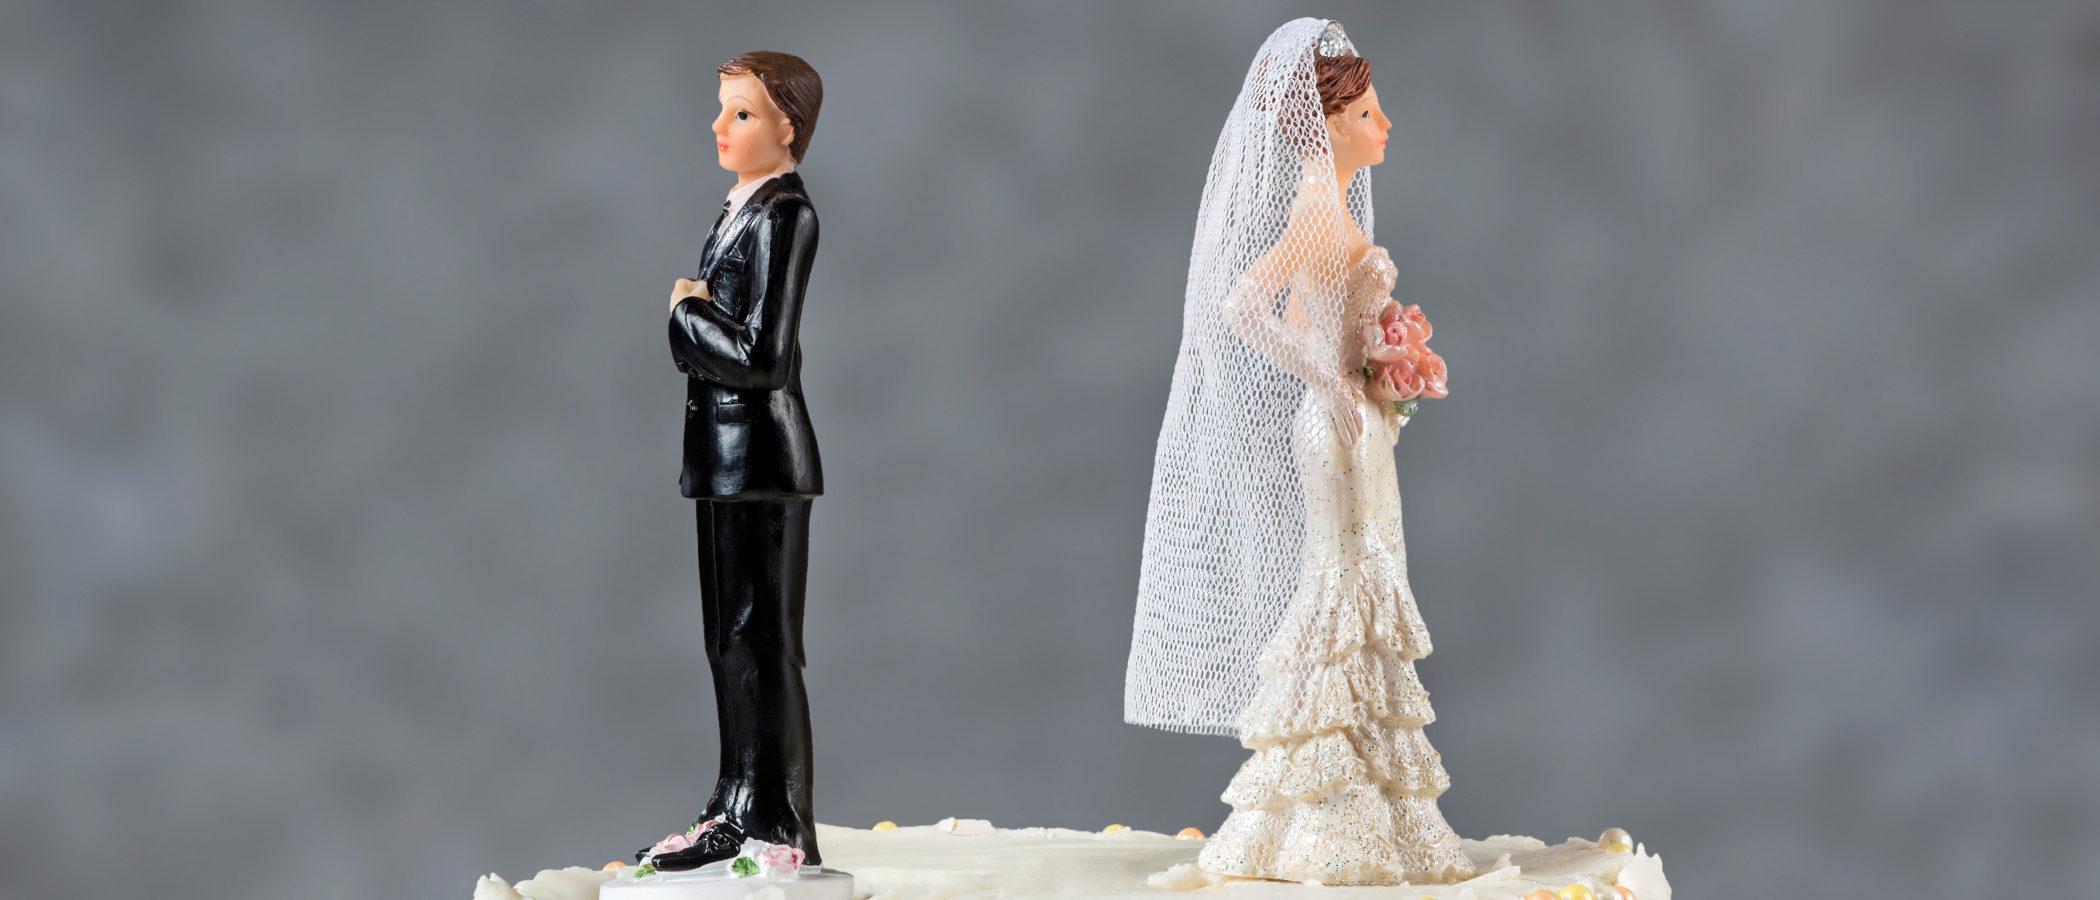 Cómo afecta el divorcio a los niños